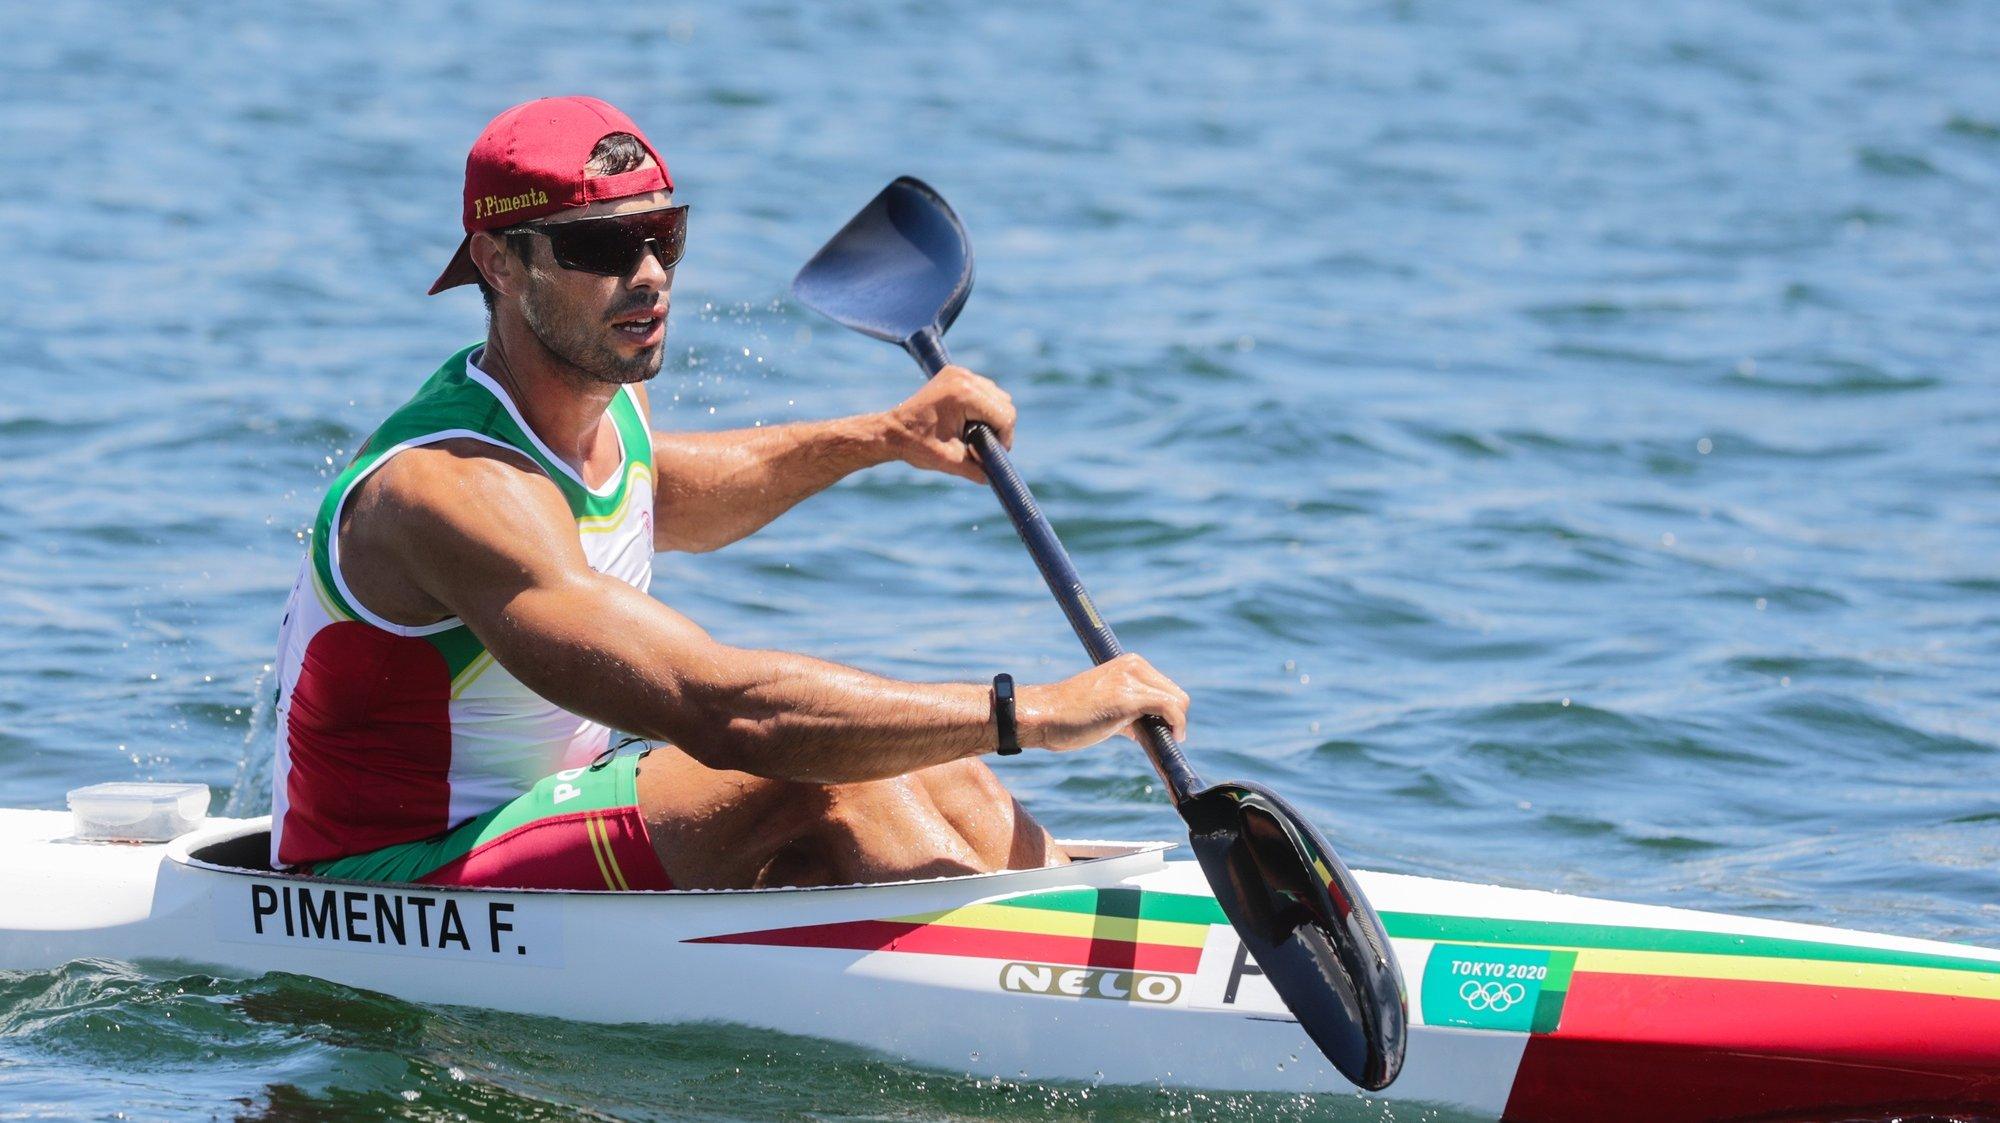 O canoista português Fernando Pimenta em ação na final de Caiaque K1 1000 metros dos Jogos Olimpicos de Tóquio2020 no Sea Forest Waterways de Tóquio, 03 de agosto de 2021. TIAGO PETINGA/LUSA